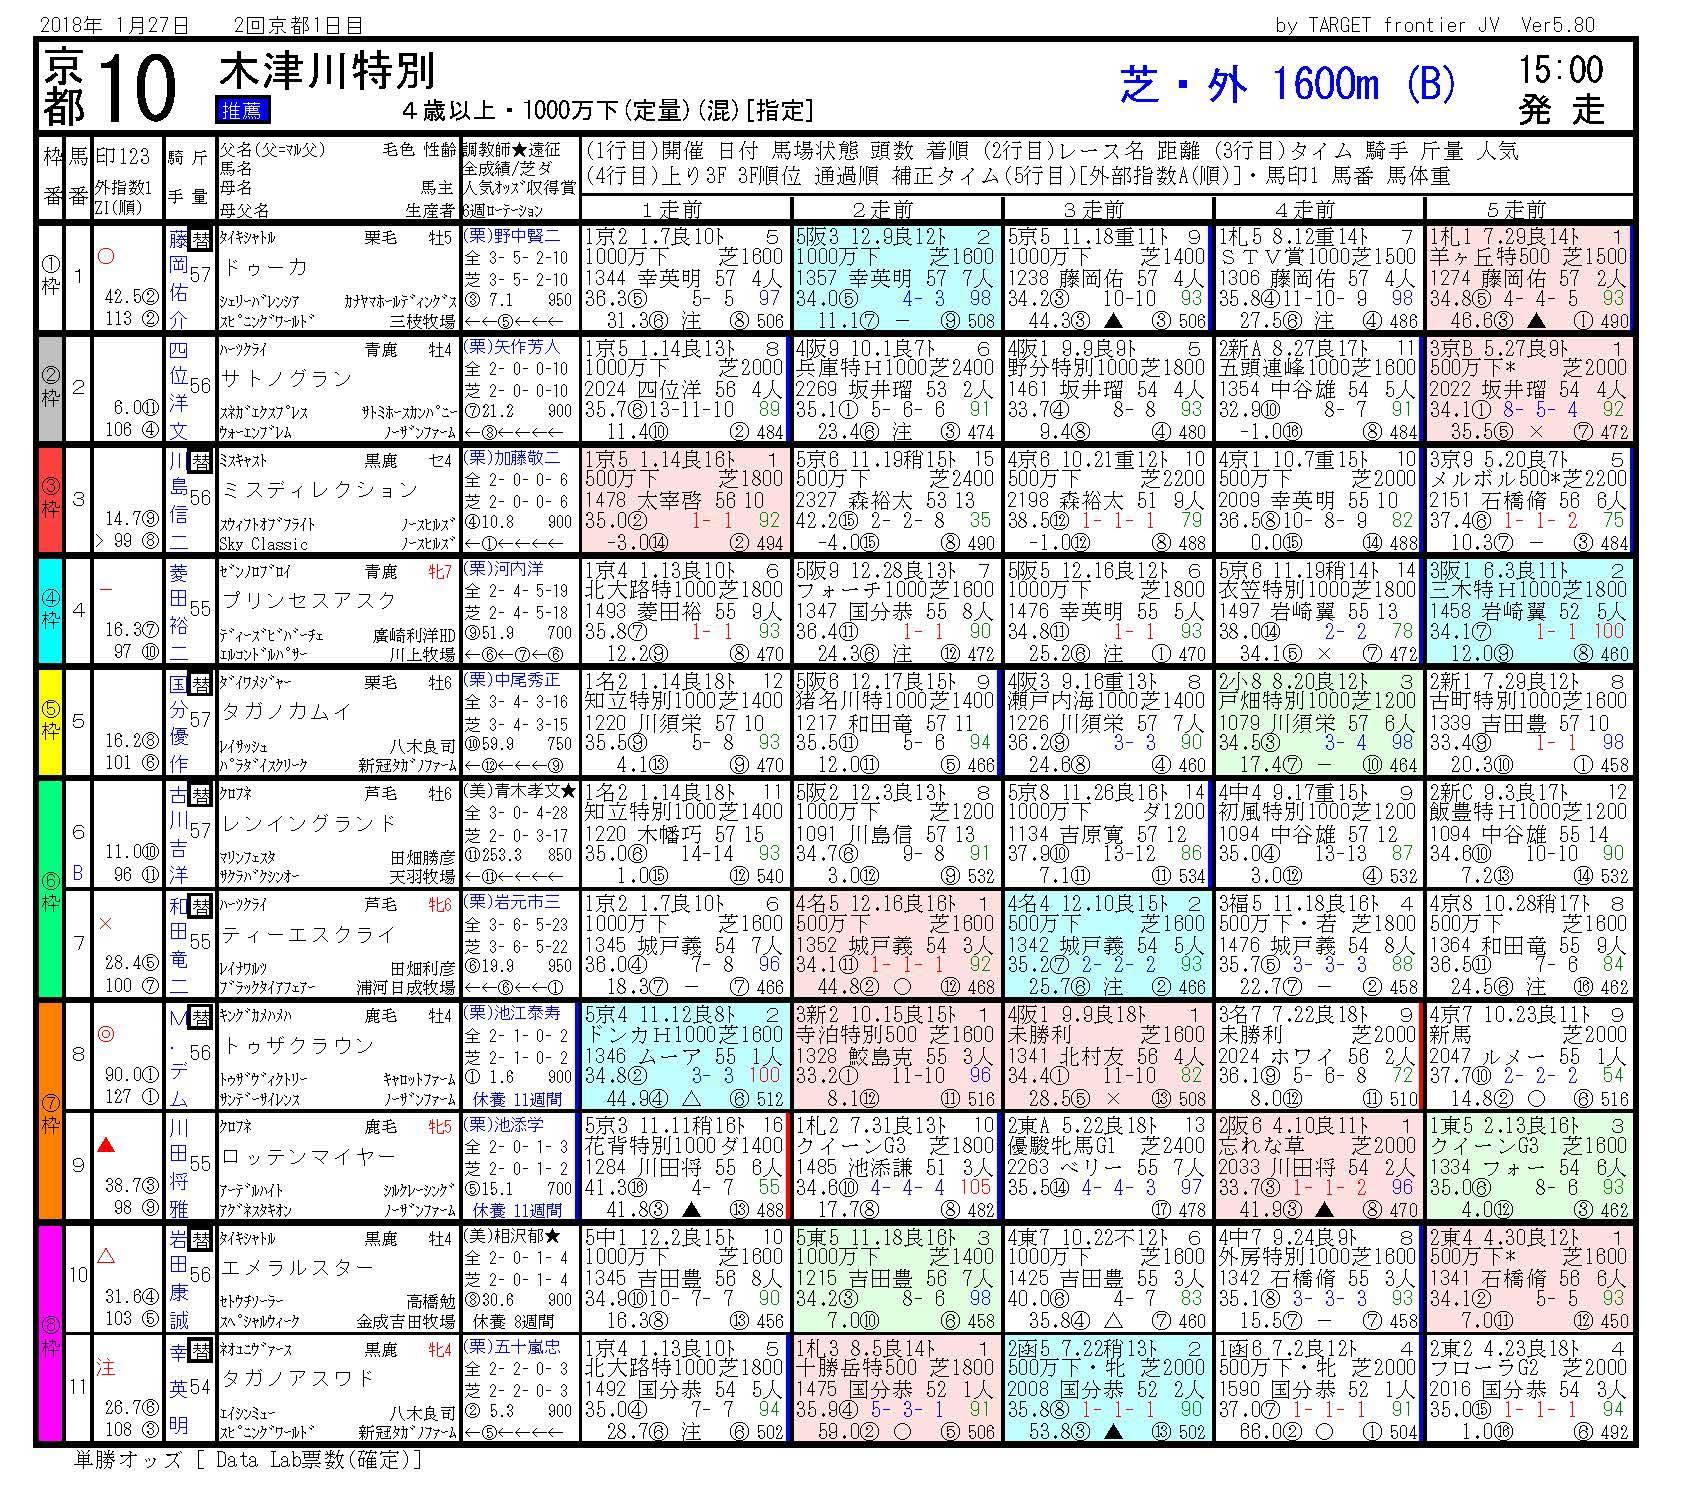 2018年1月27日開催 京都10R 木津川特別 電脳競馬新聞3連単142,670円馬券的中